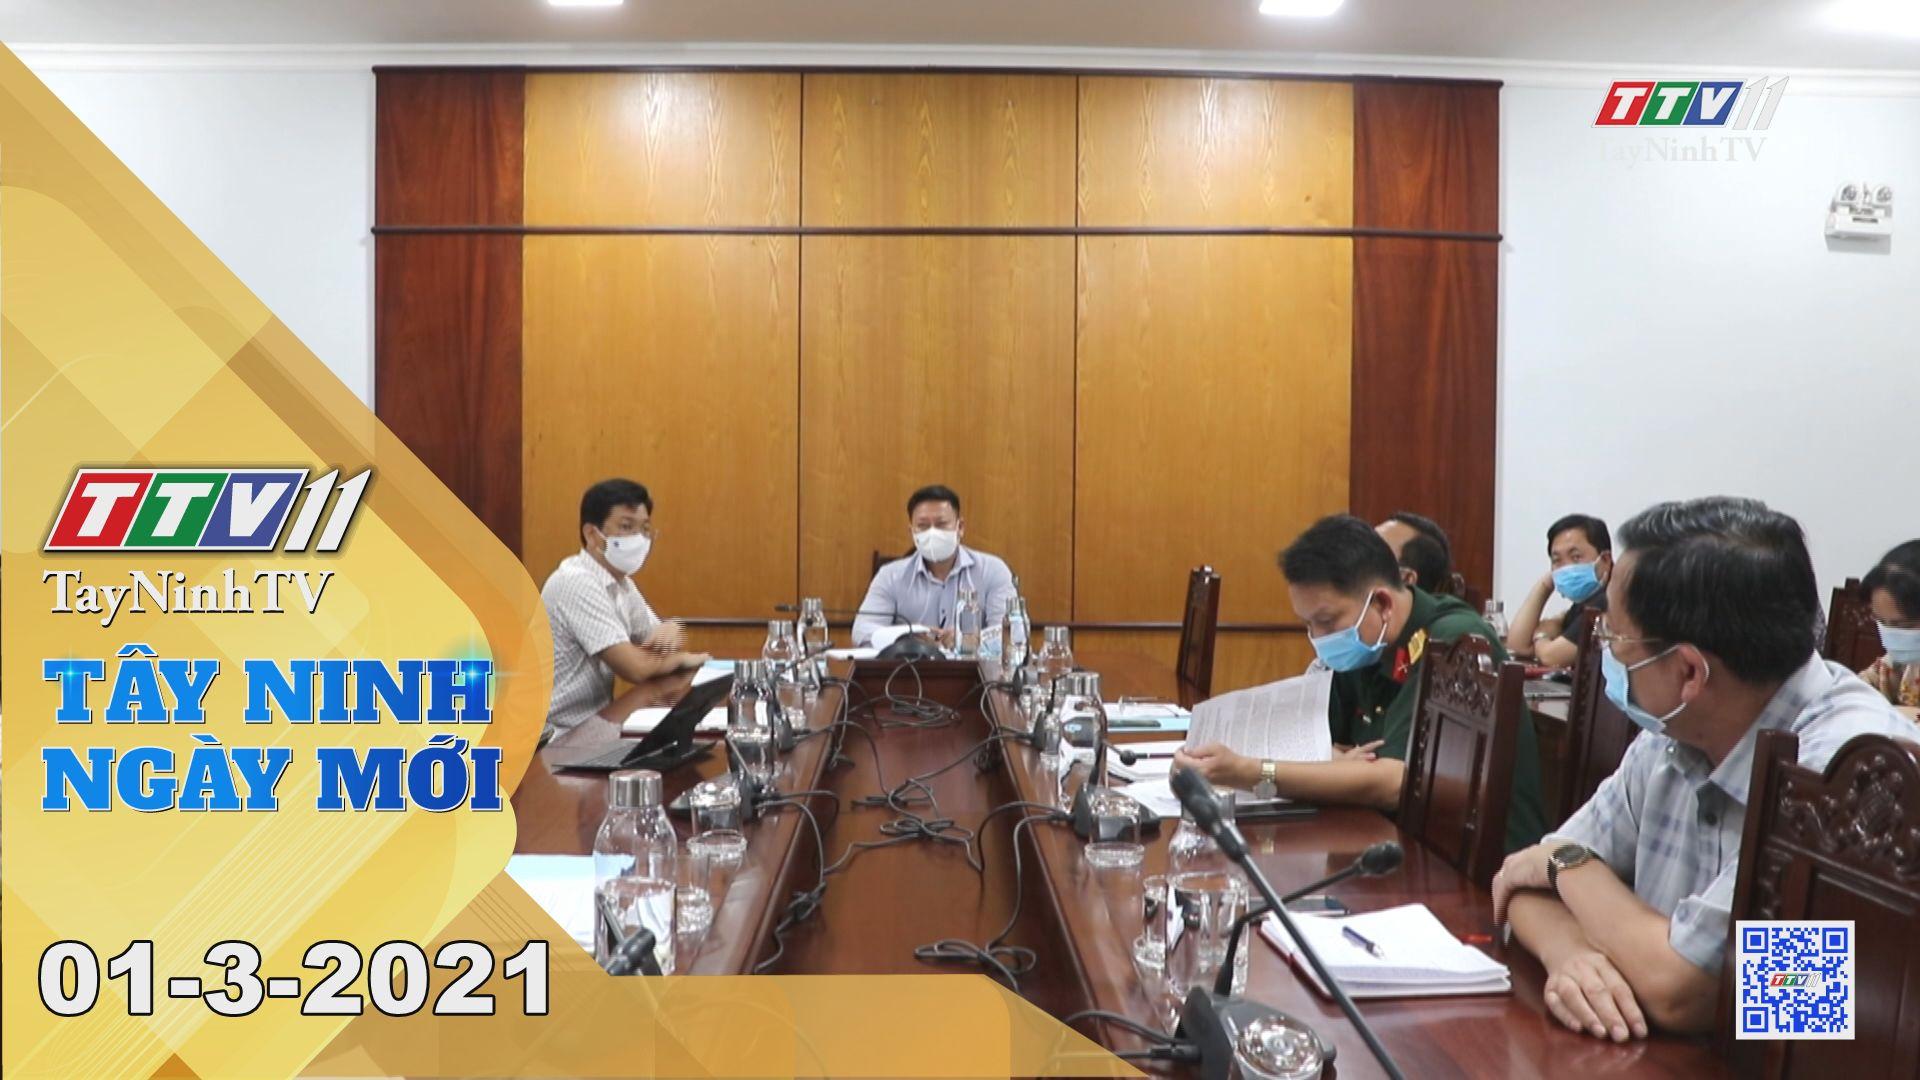 Tây Ninh Ngày Mới 01-3-2021 | Tin tức hôm nay | TayNinhTV